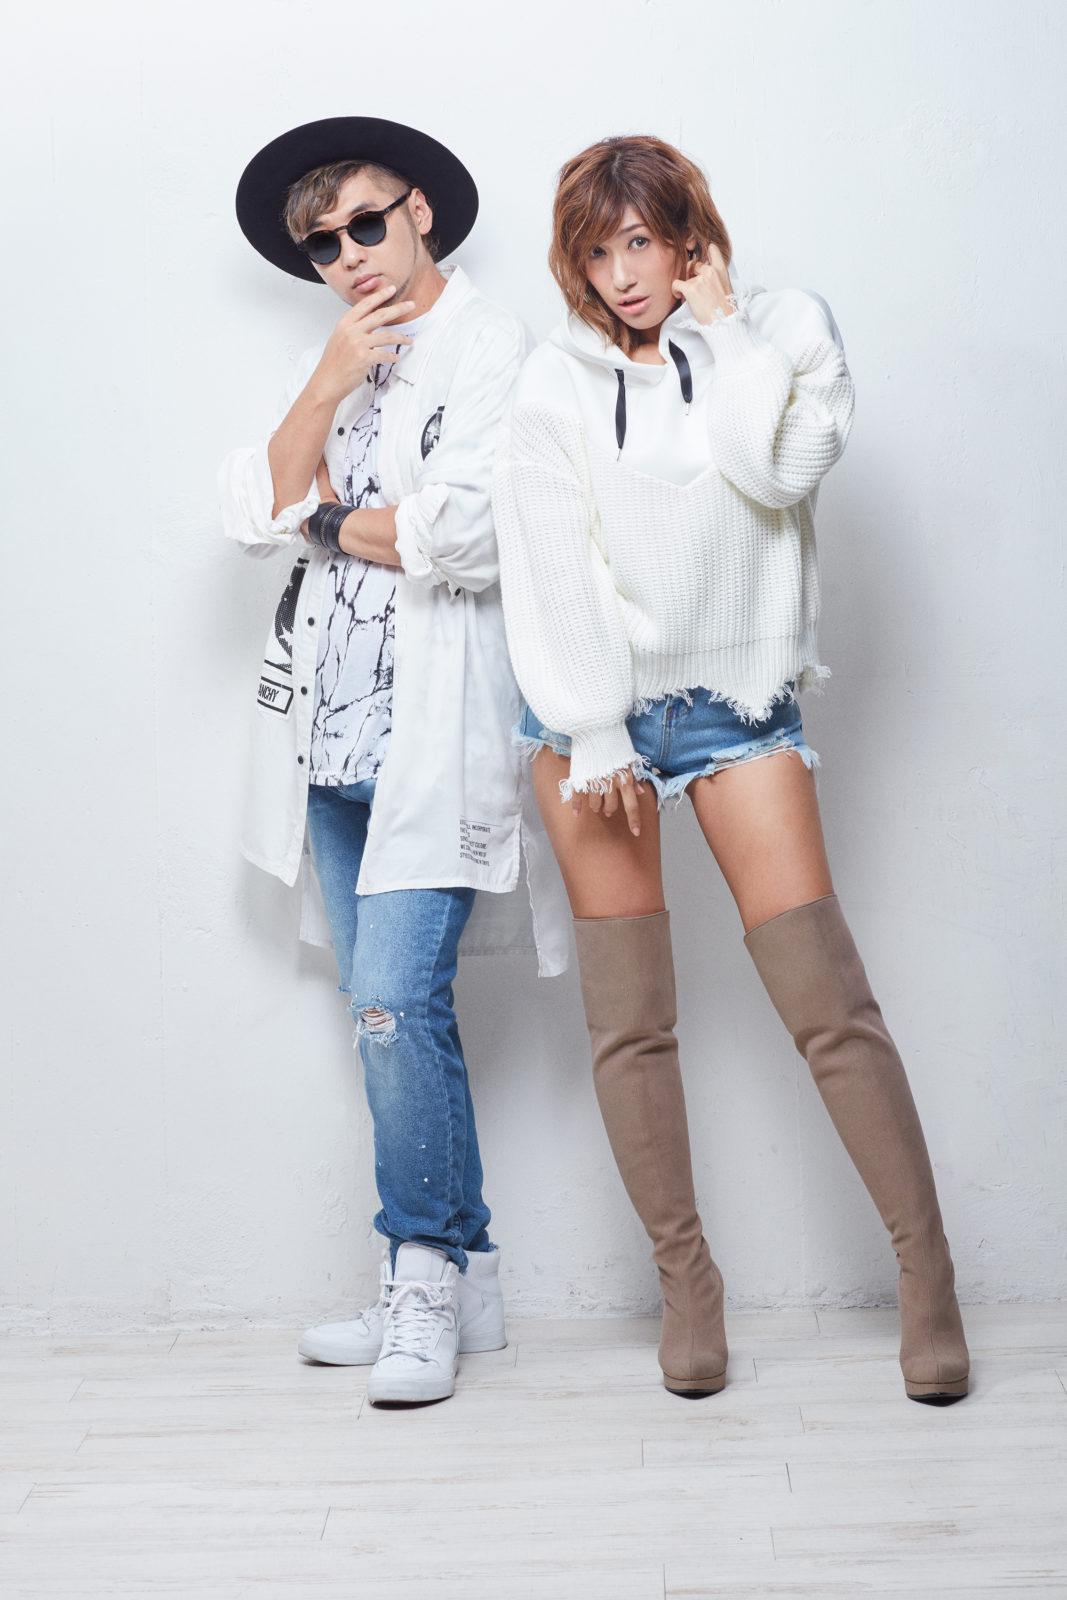 MAY'S、新曲「たとえ世界が真っ白になっても」MV公開サムネイル画像!